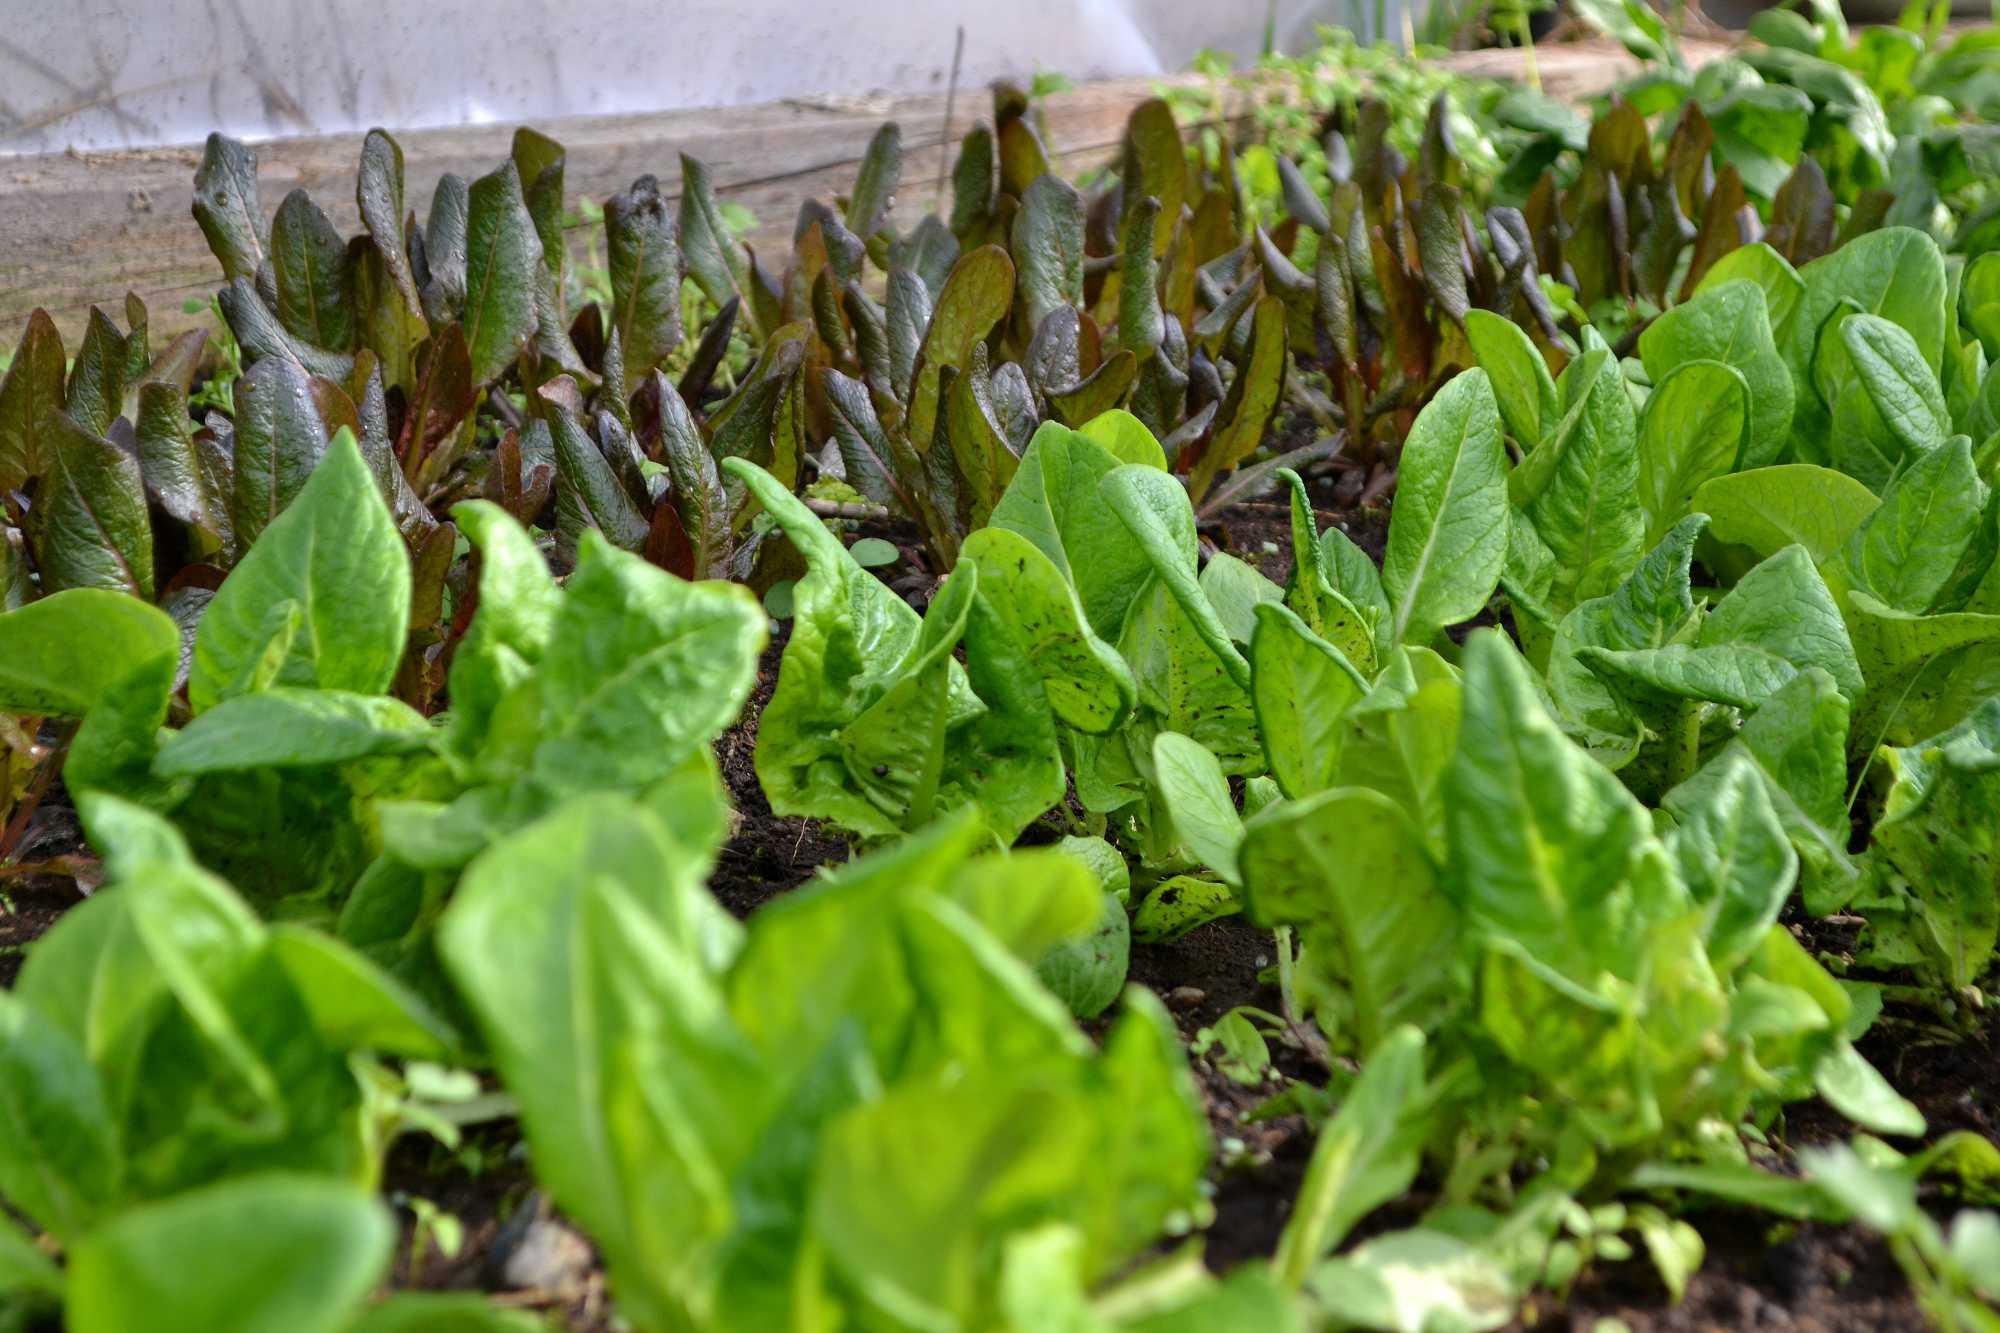 Små sallatsplantor som ännu inte knutit sig. Overwintering lettuce.